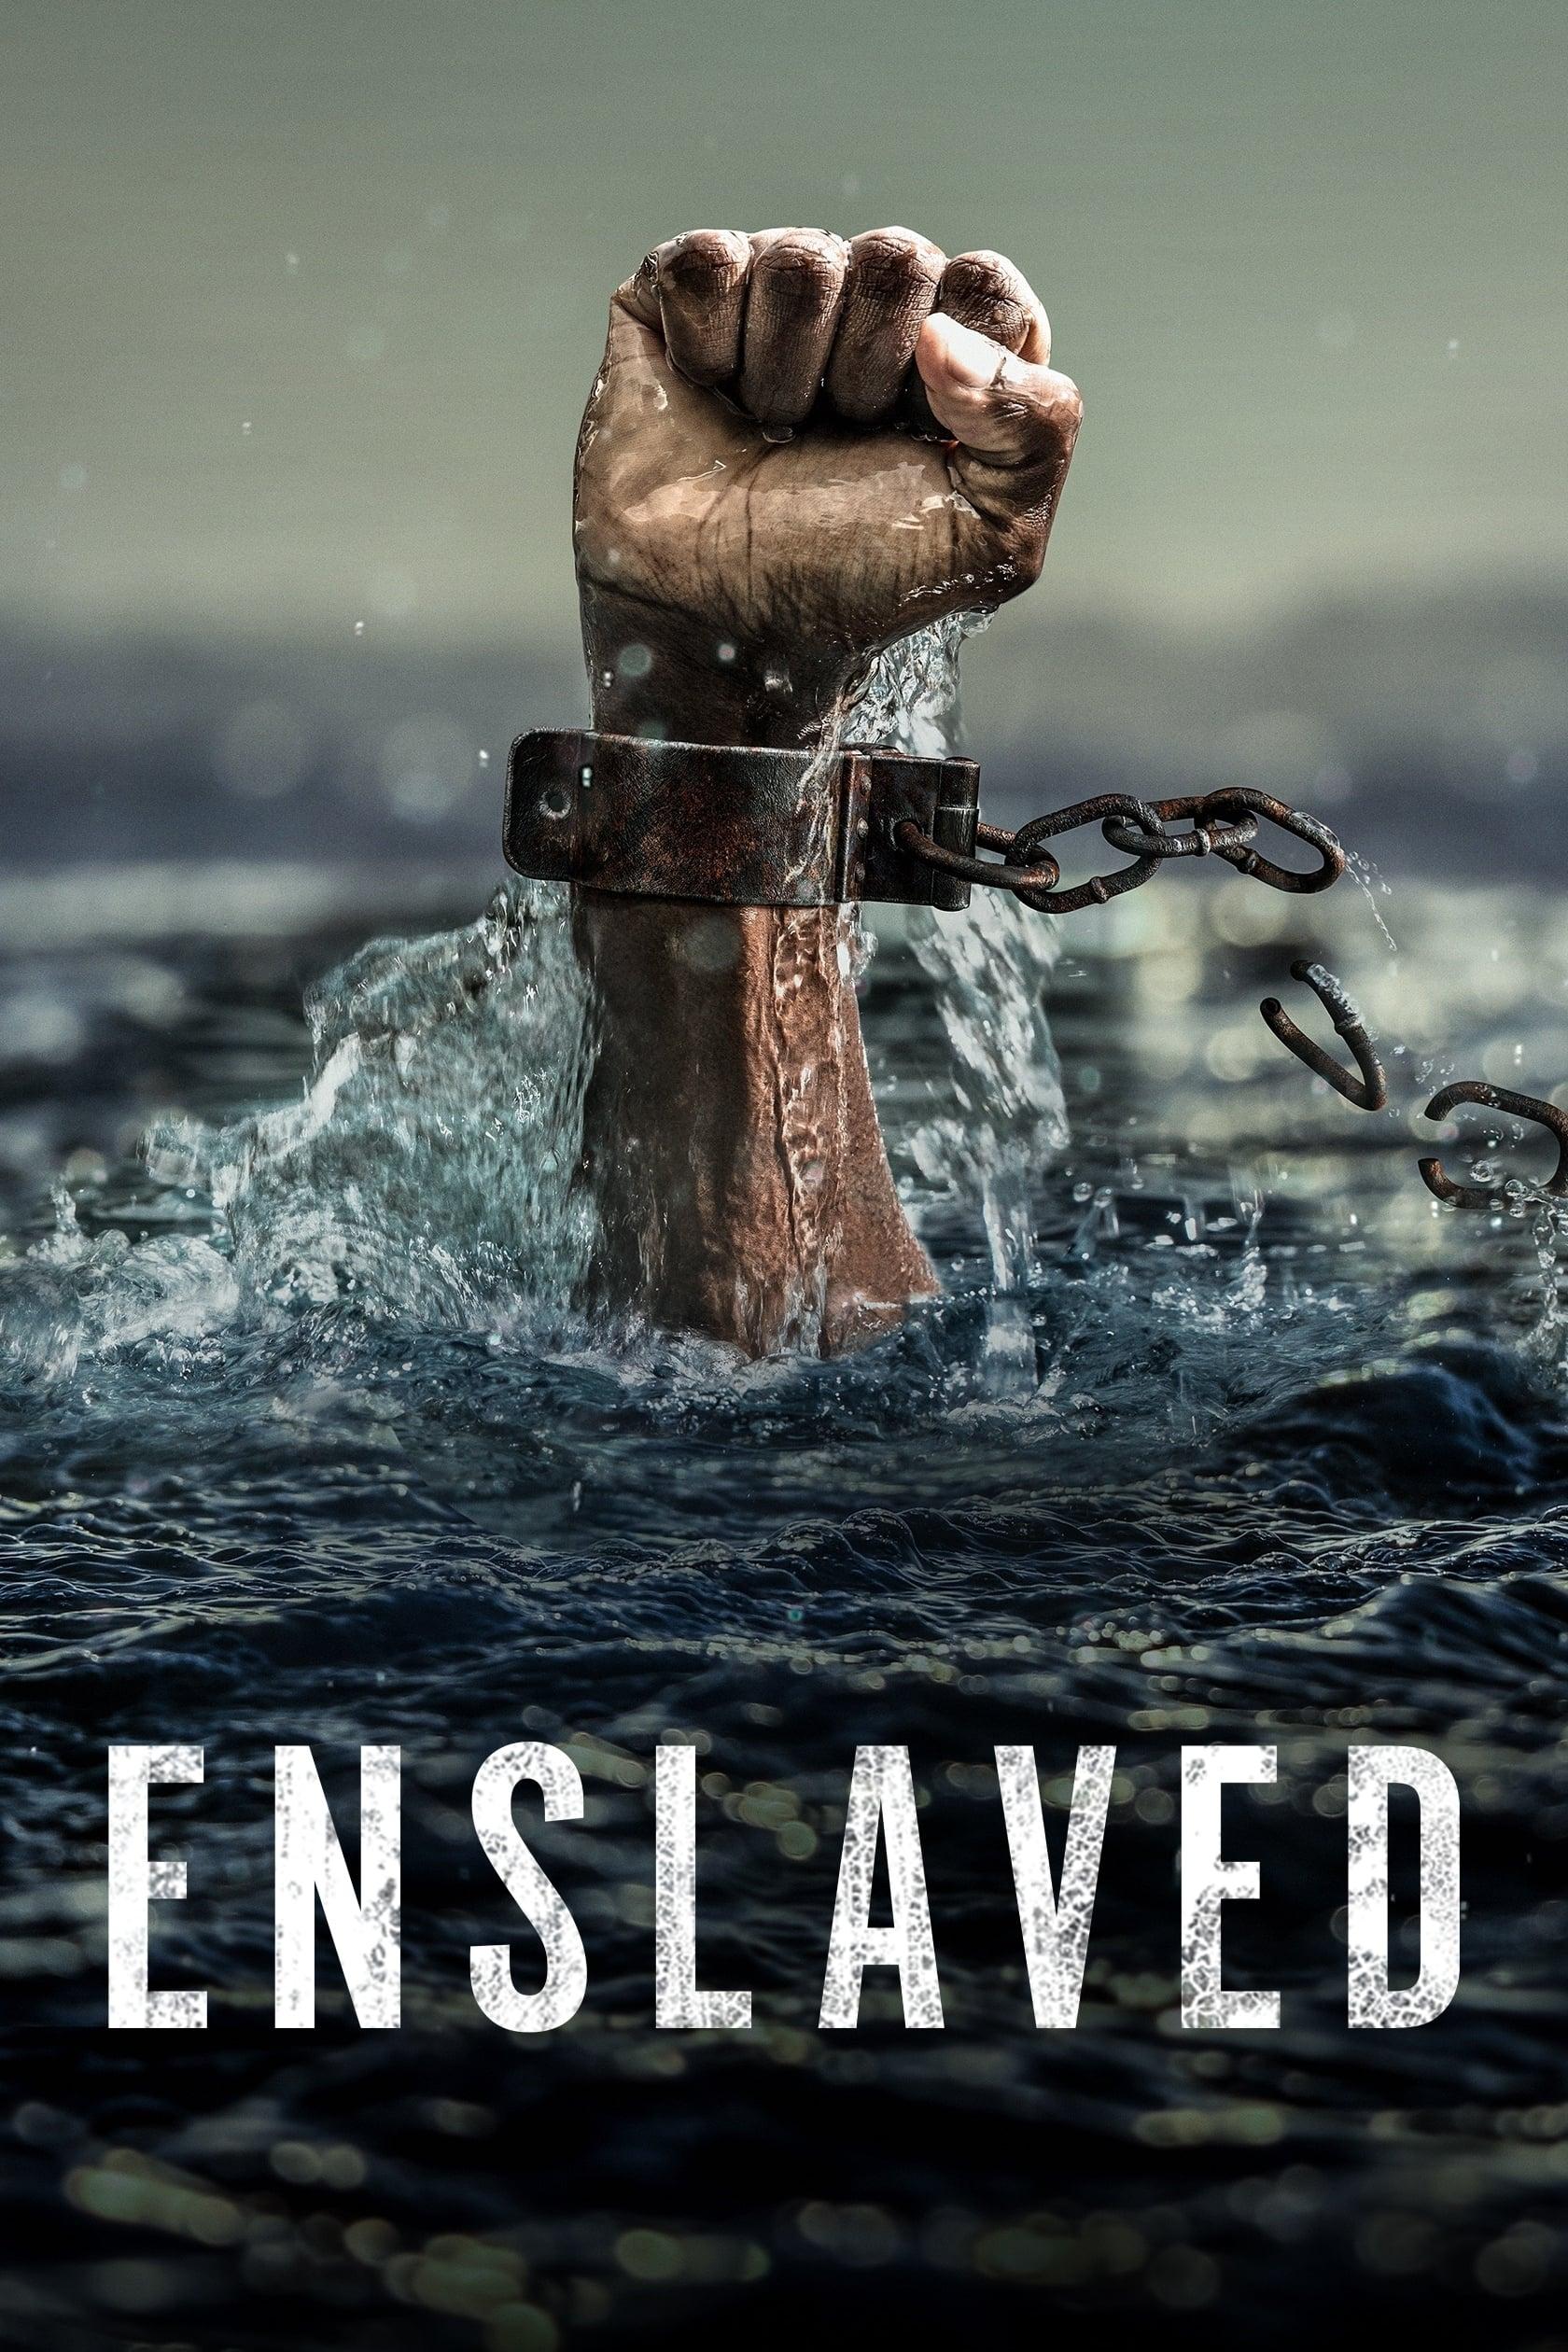 Escravidão: Uma História de Injustiça